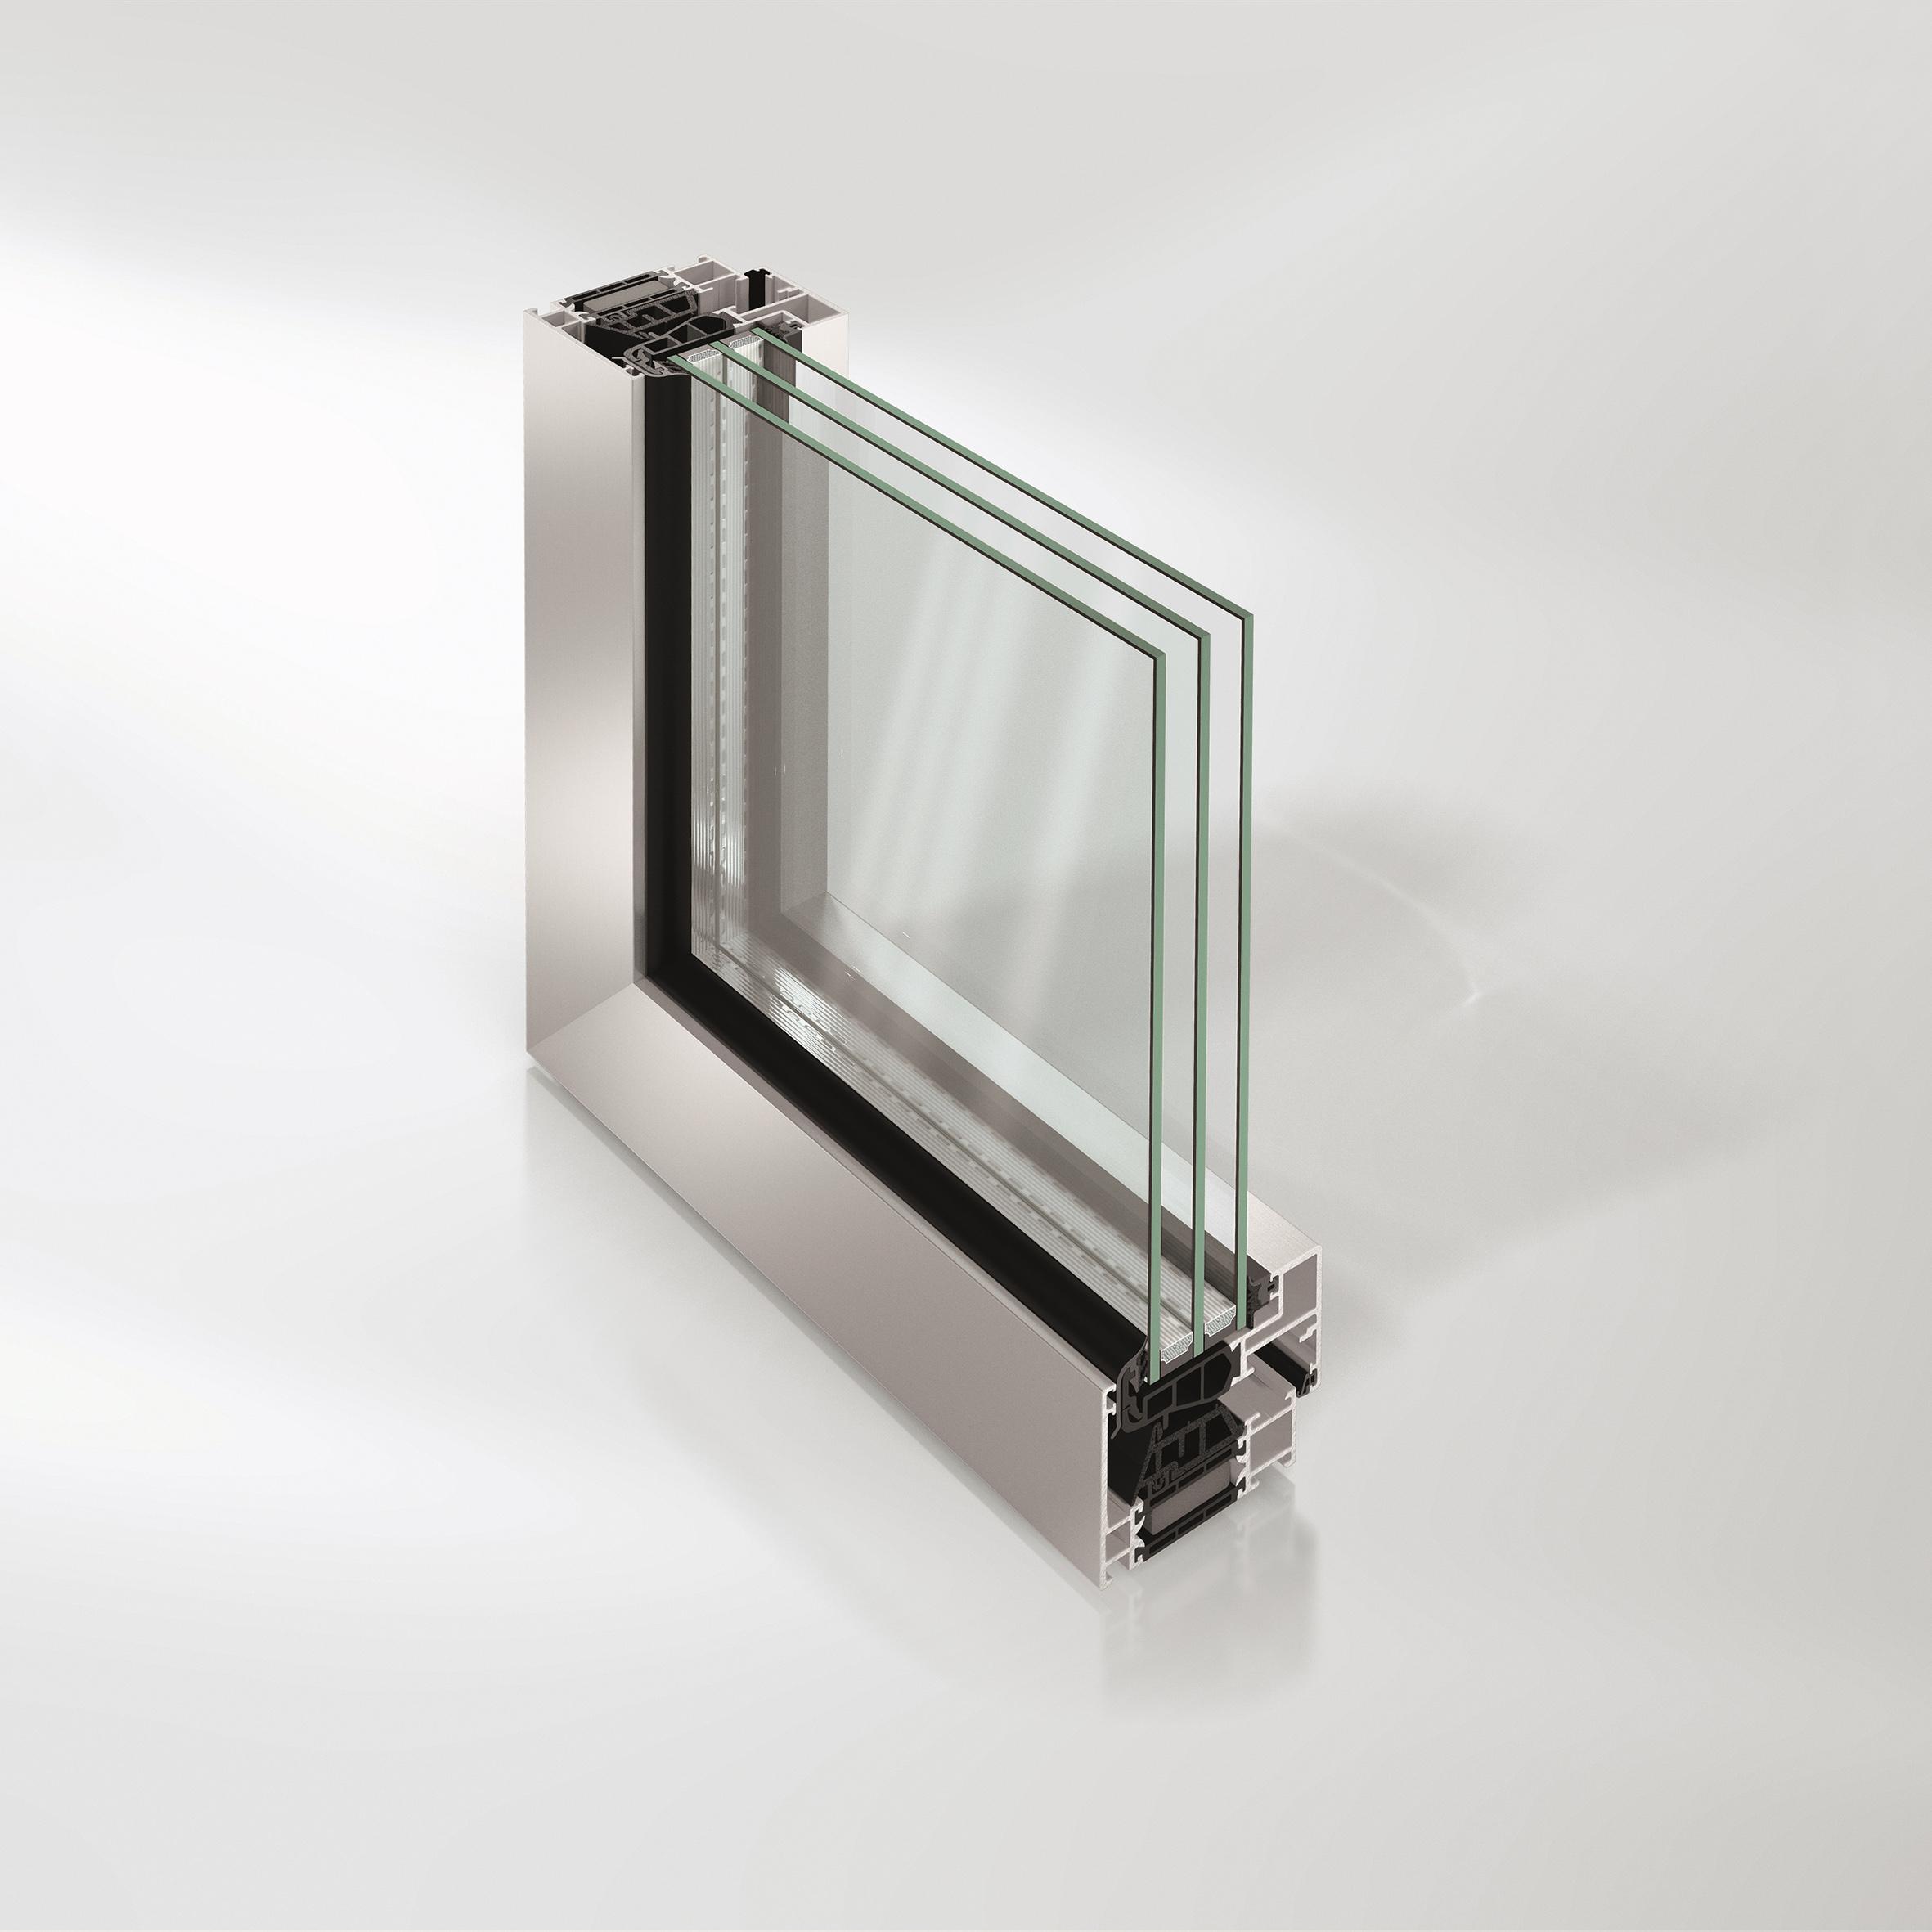 Nuovi sistemi per finestre e porte finestra con profili - Finestre schuco dwg ...